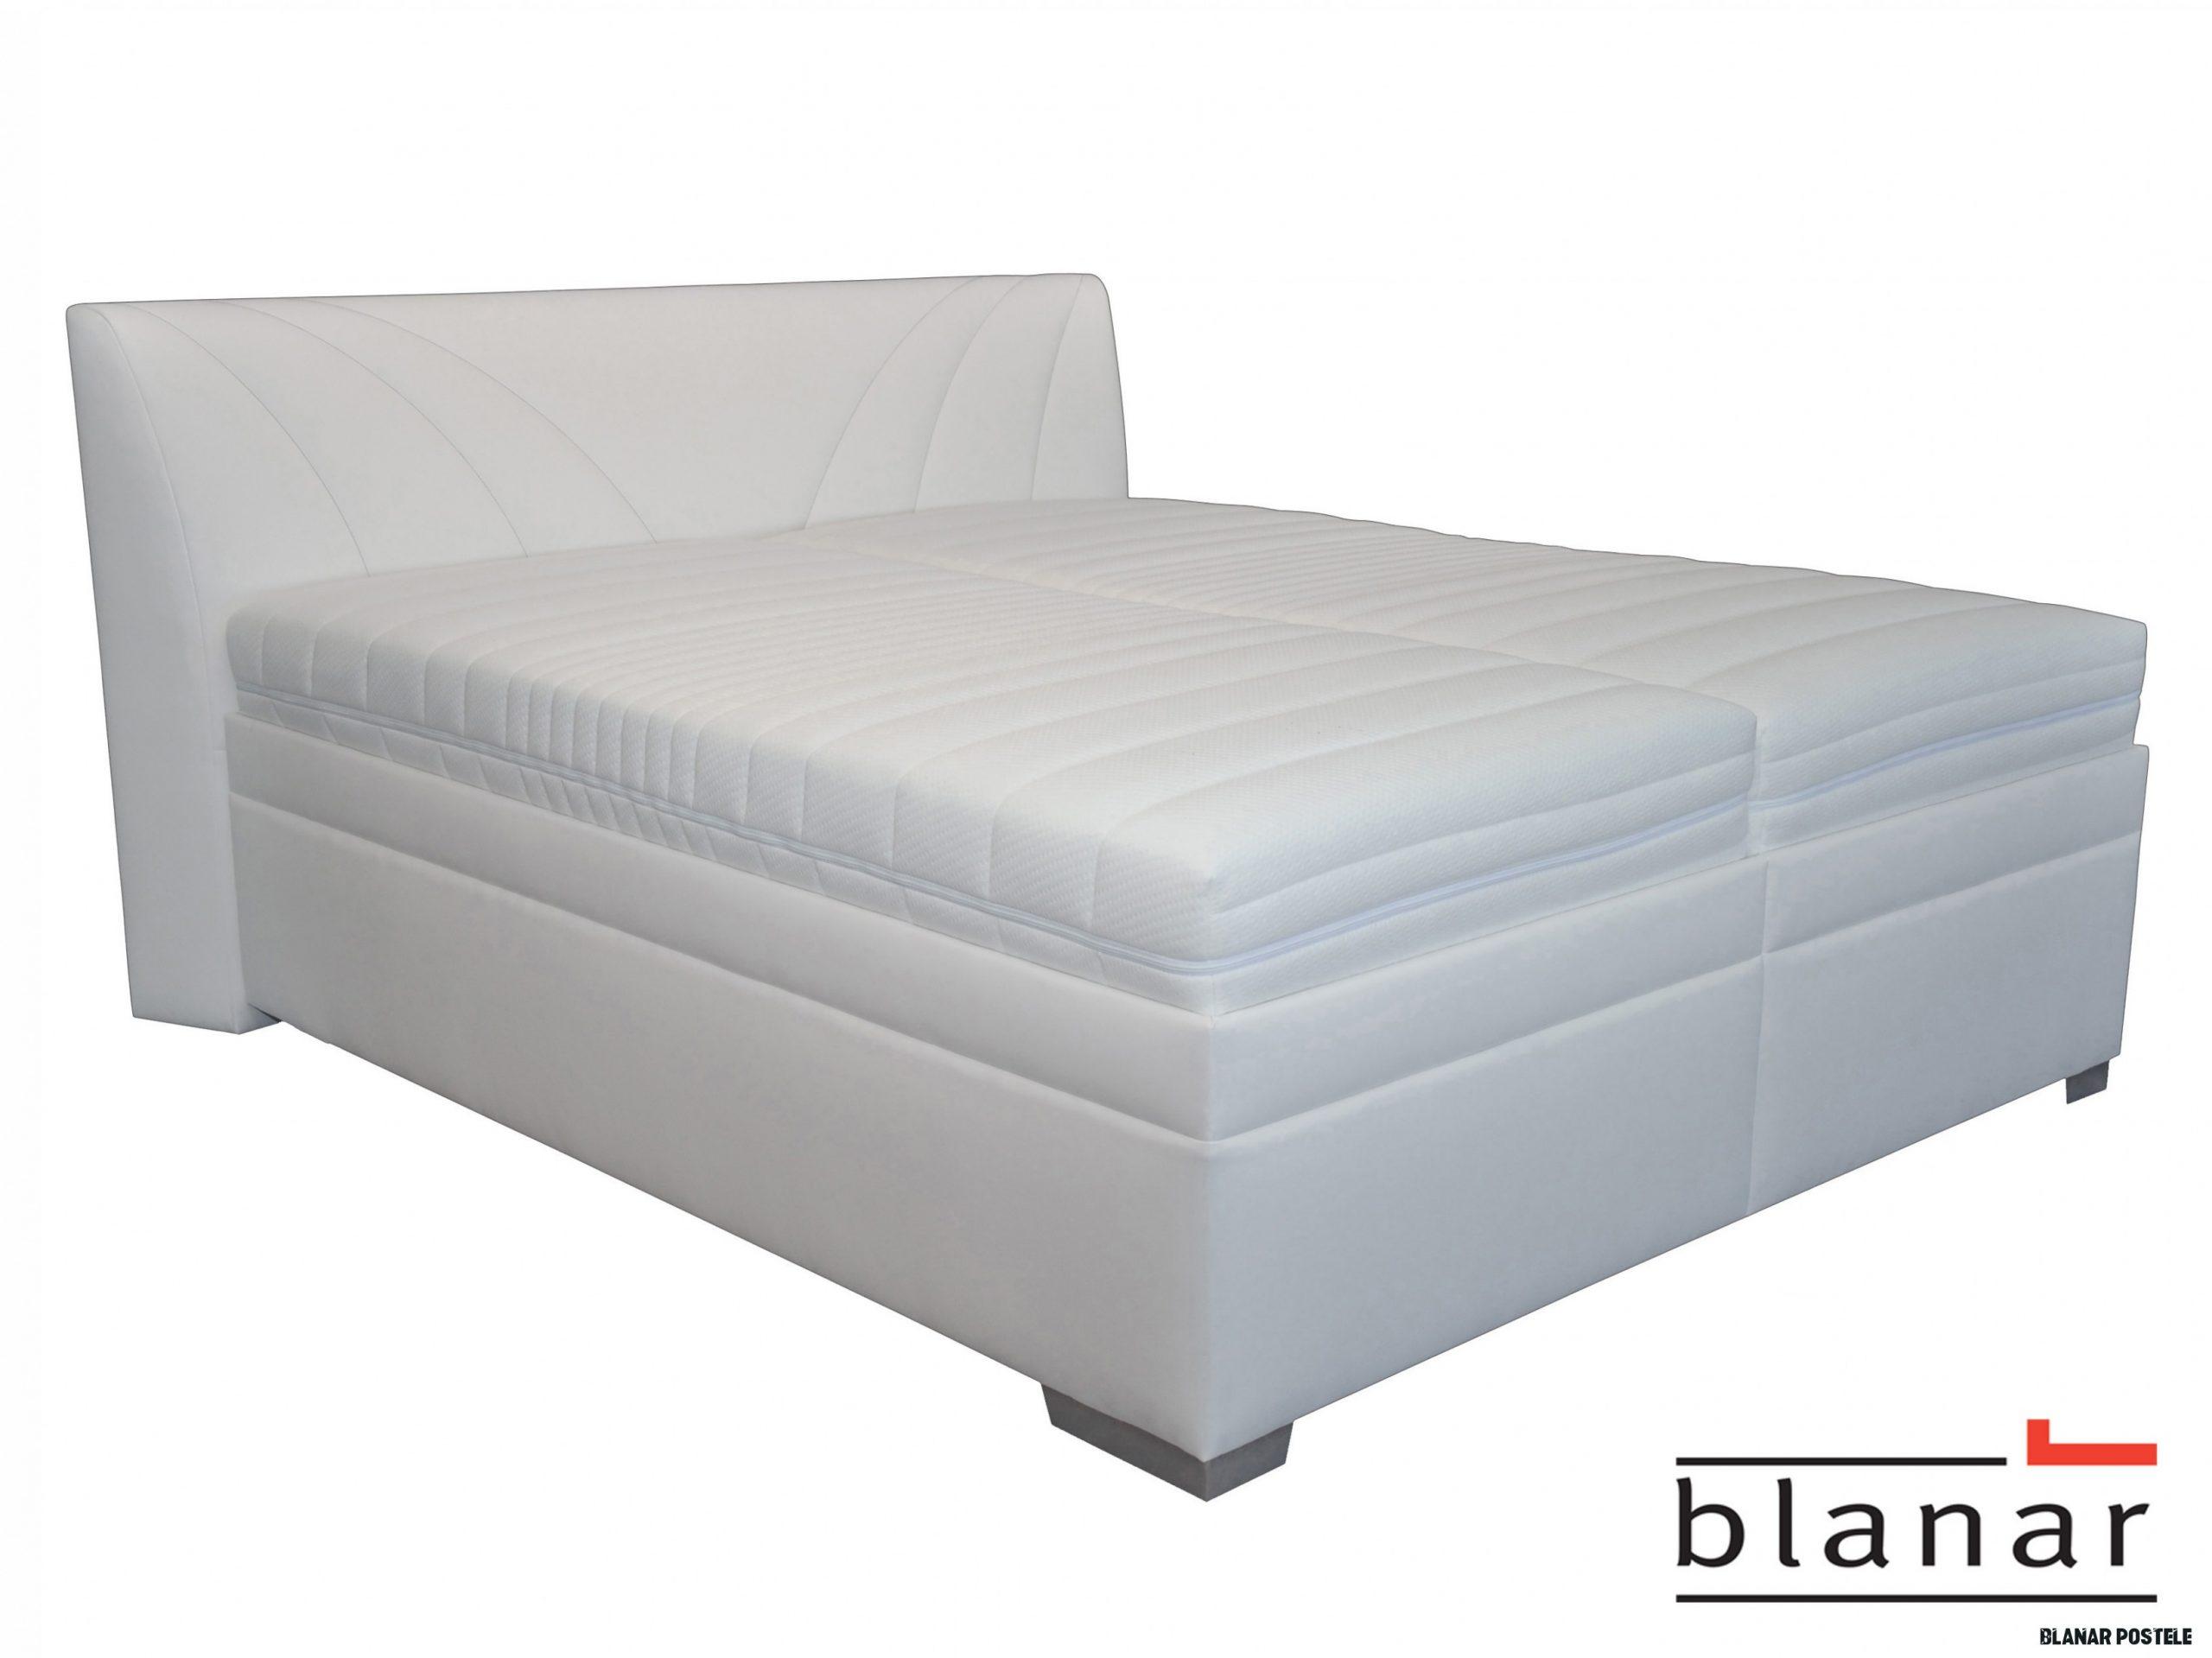 Manželská posteľ 17 cm Blanár Velvet (s roštom a matracmi) (biela